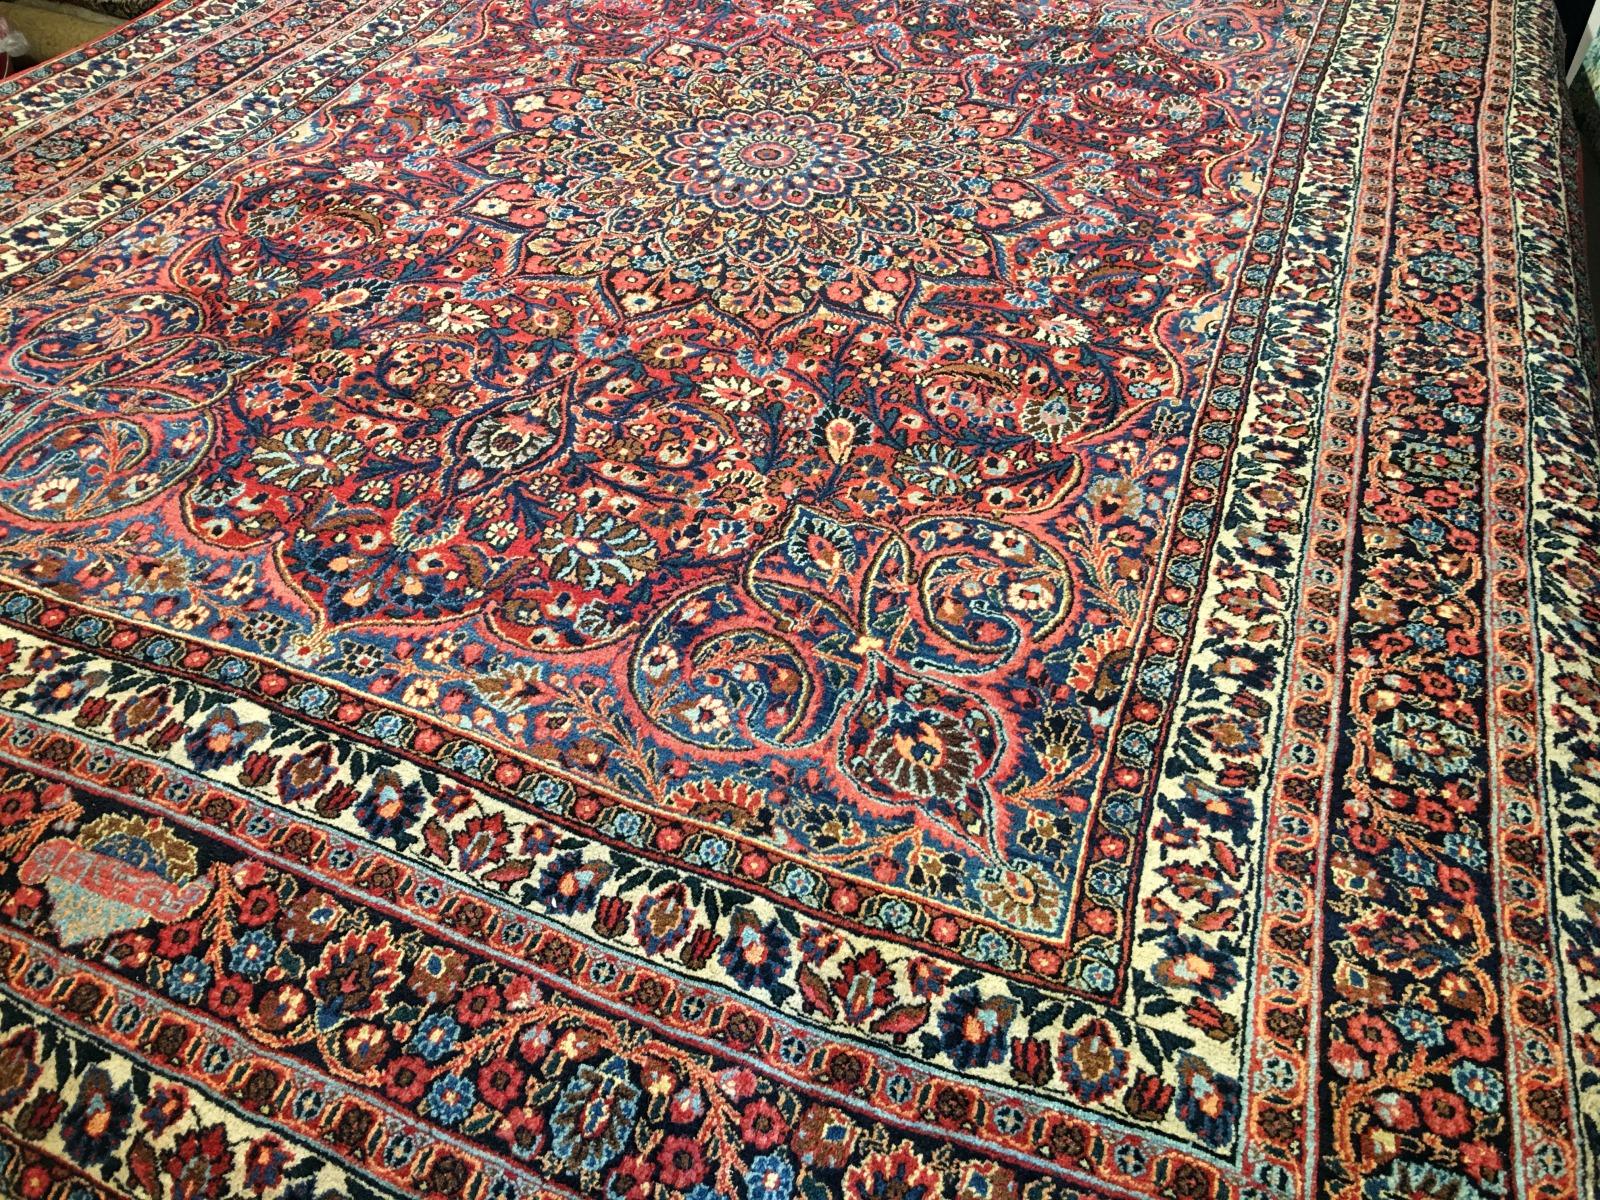 14696 Khorasan Doroksh Antique Persian Rug 11 4 X 8 6 Ft